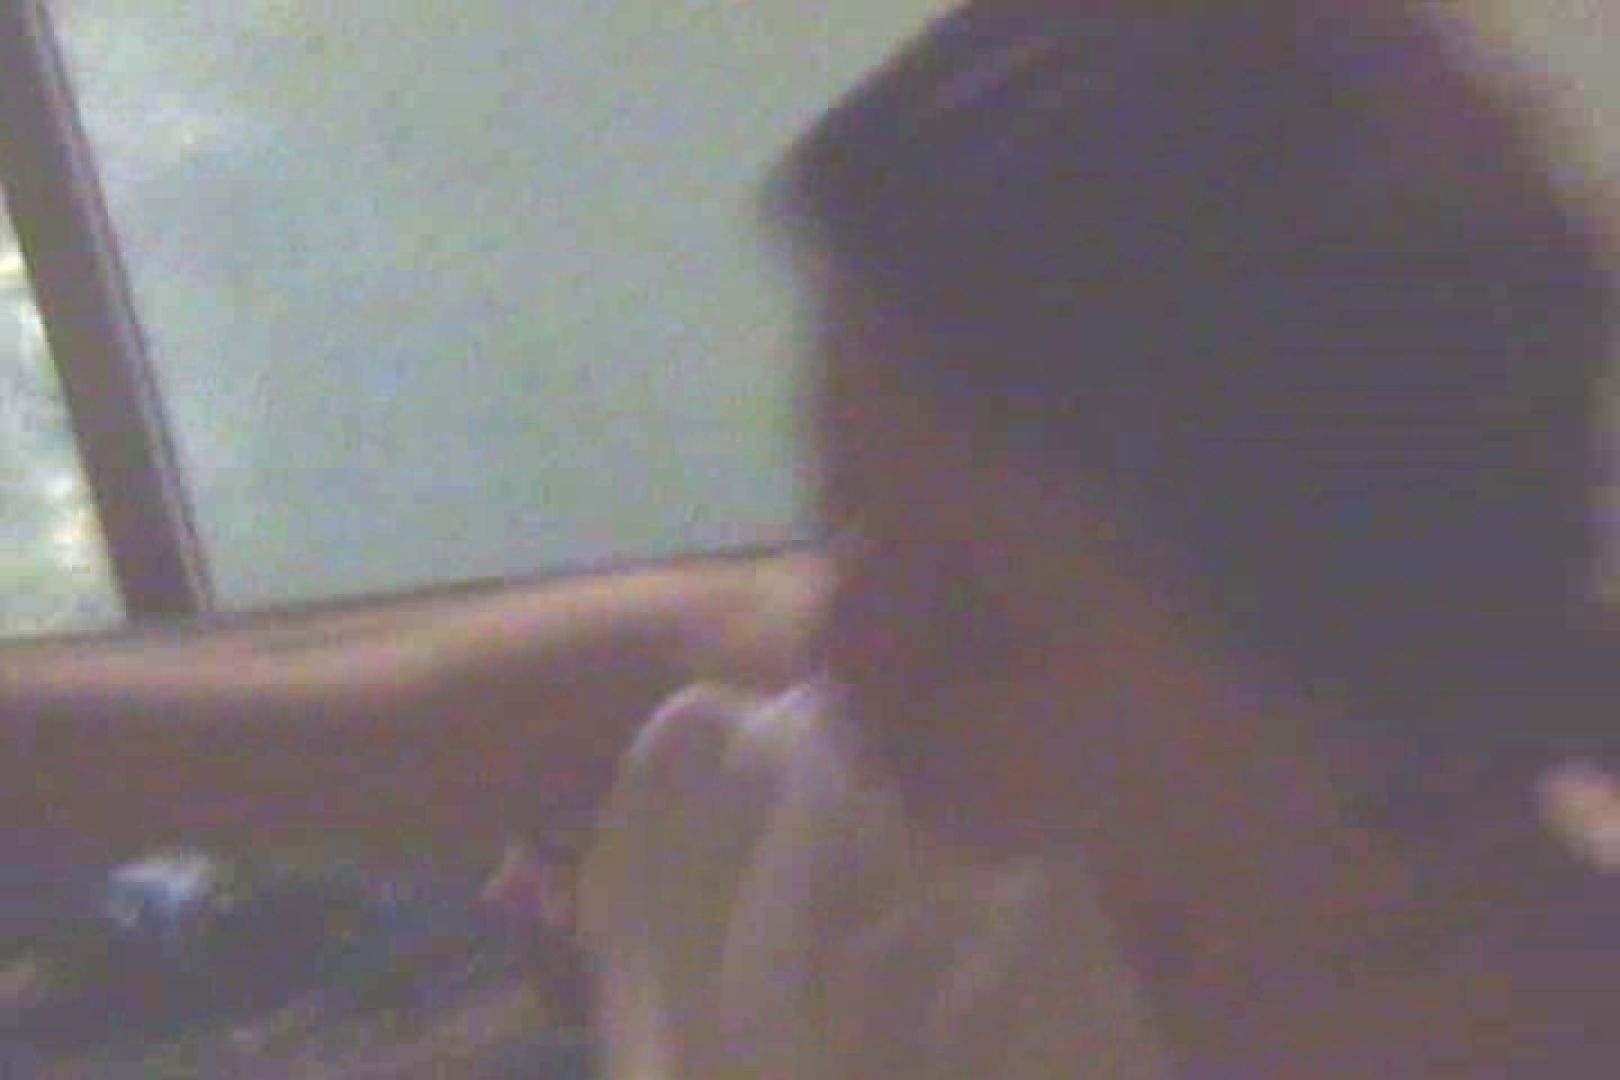 素人投稿シリーズ 盗撮 覗きの穴場 大浴場編 Vol.5 覗き ワレメ無修正動画無料 103画像 94